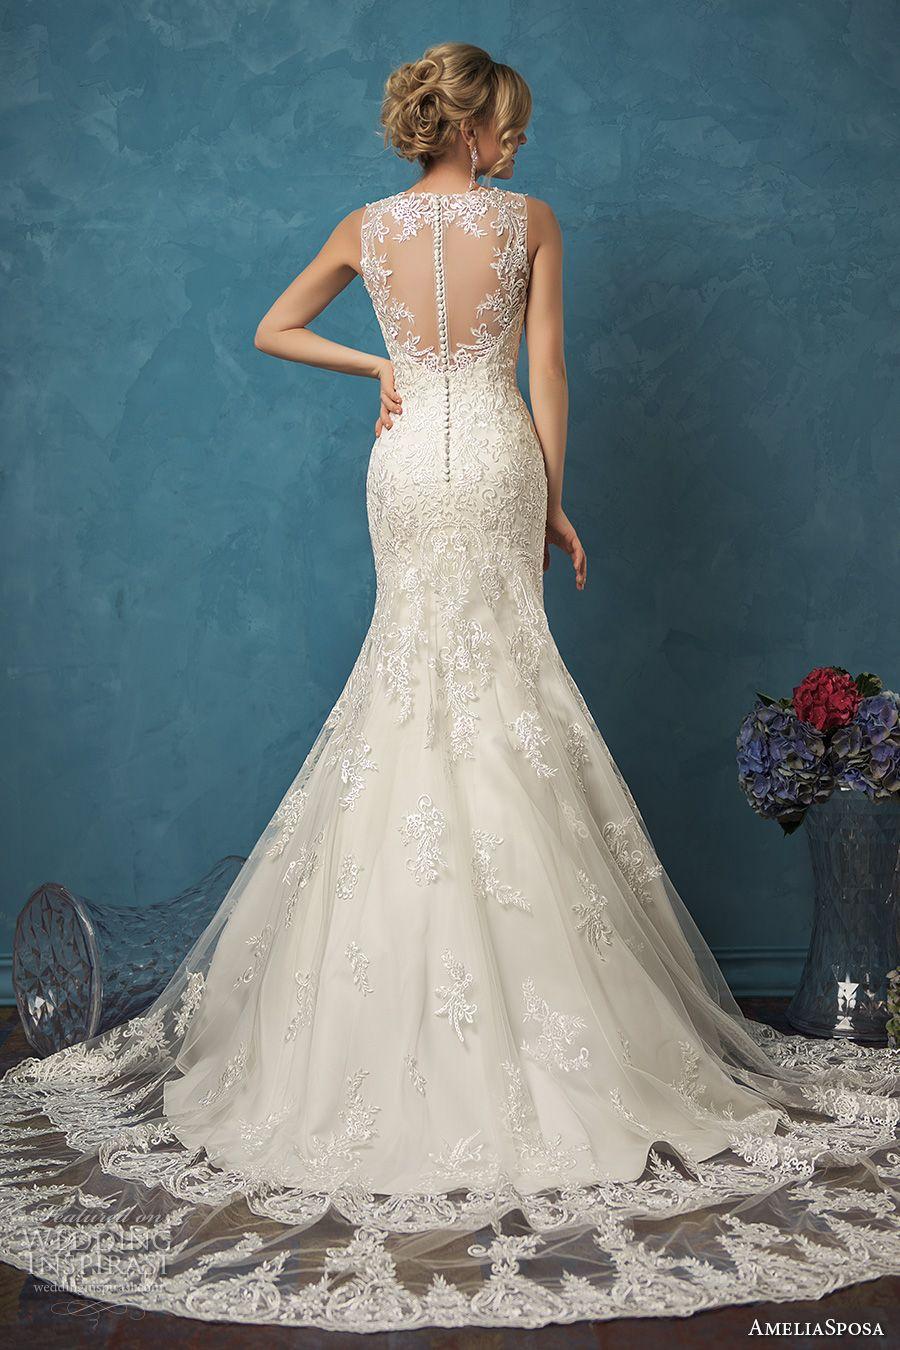 Amelia Sposa 2017 Wedding Dresses | Pinterest | De novia, Vestidos ...